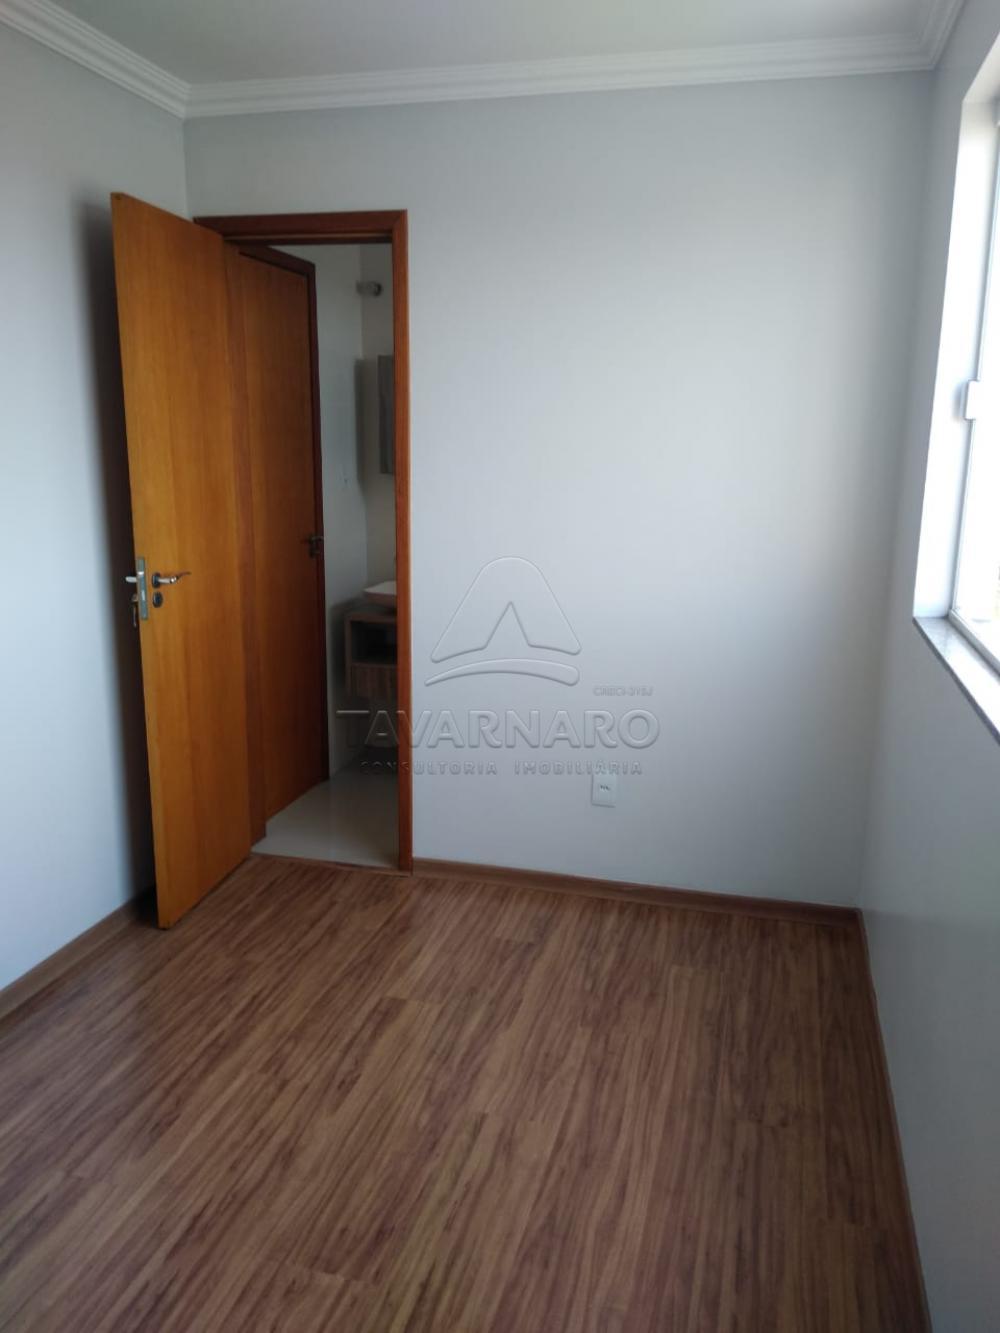 Comprar Apartamento / Padrão em Ponta Grossa apenas R$ 412.000,00 - Foto 9